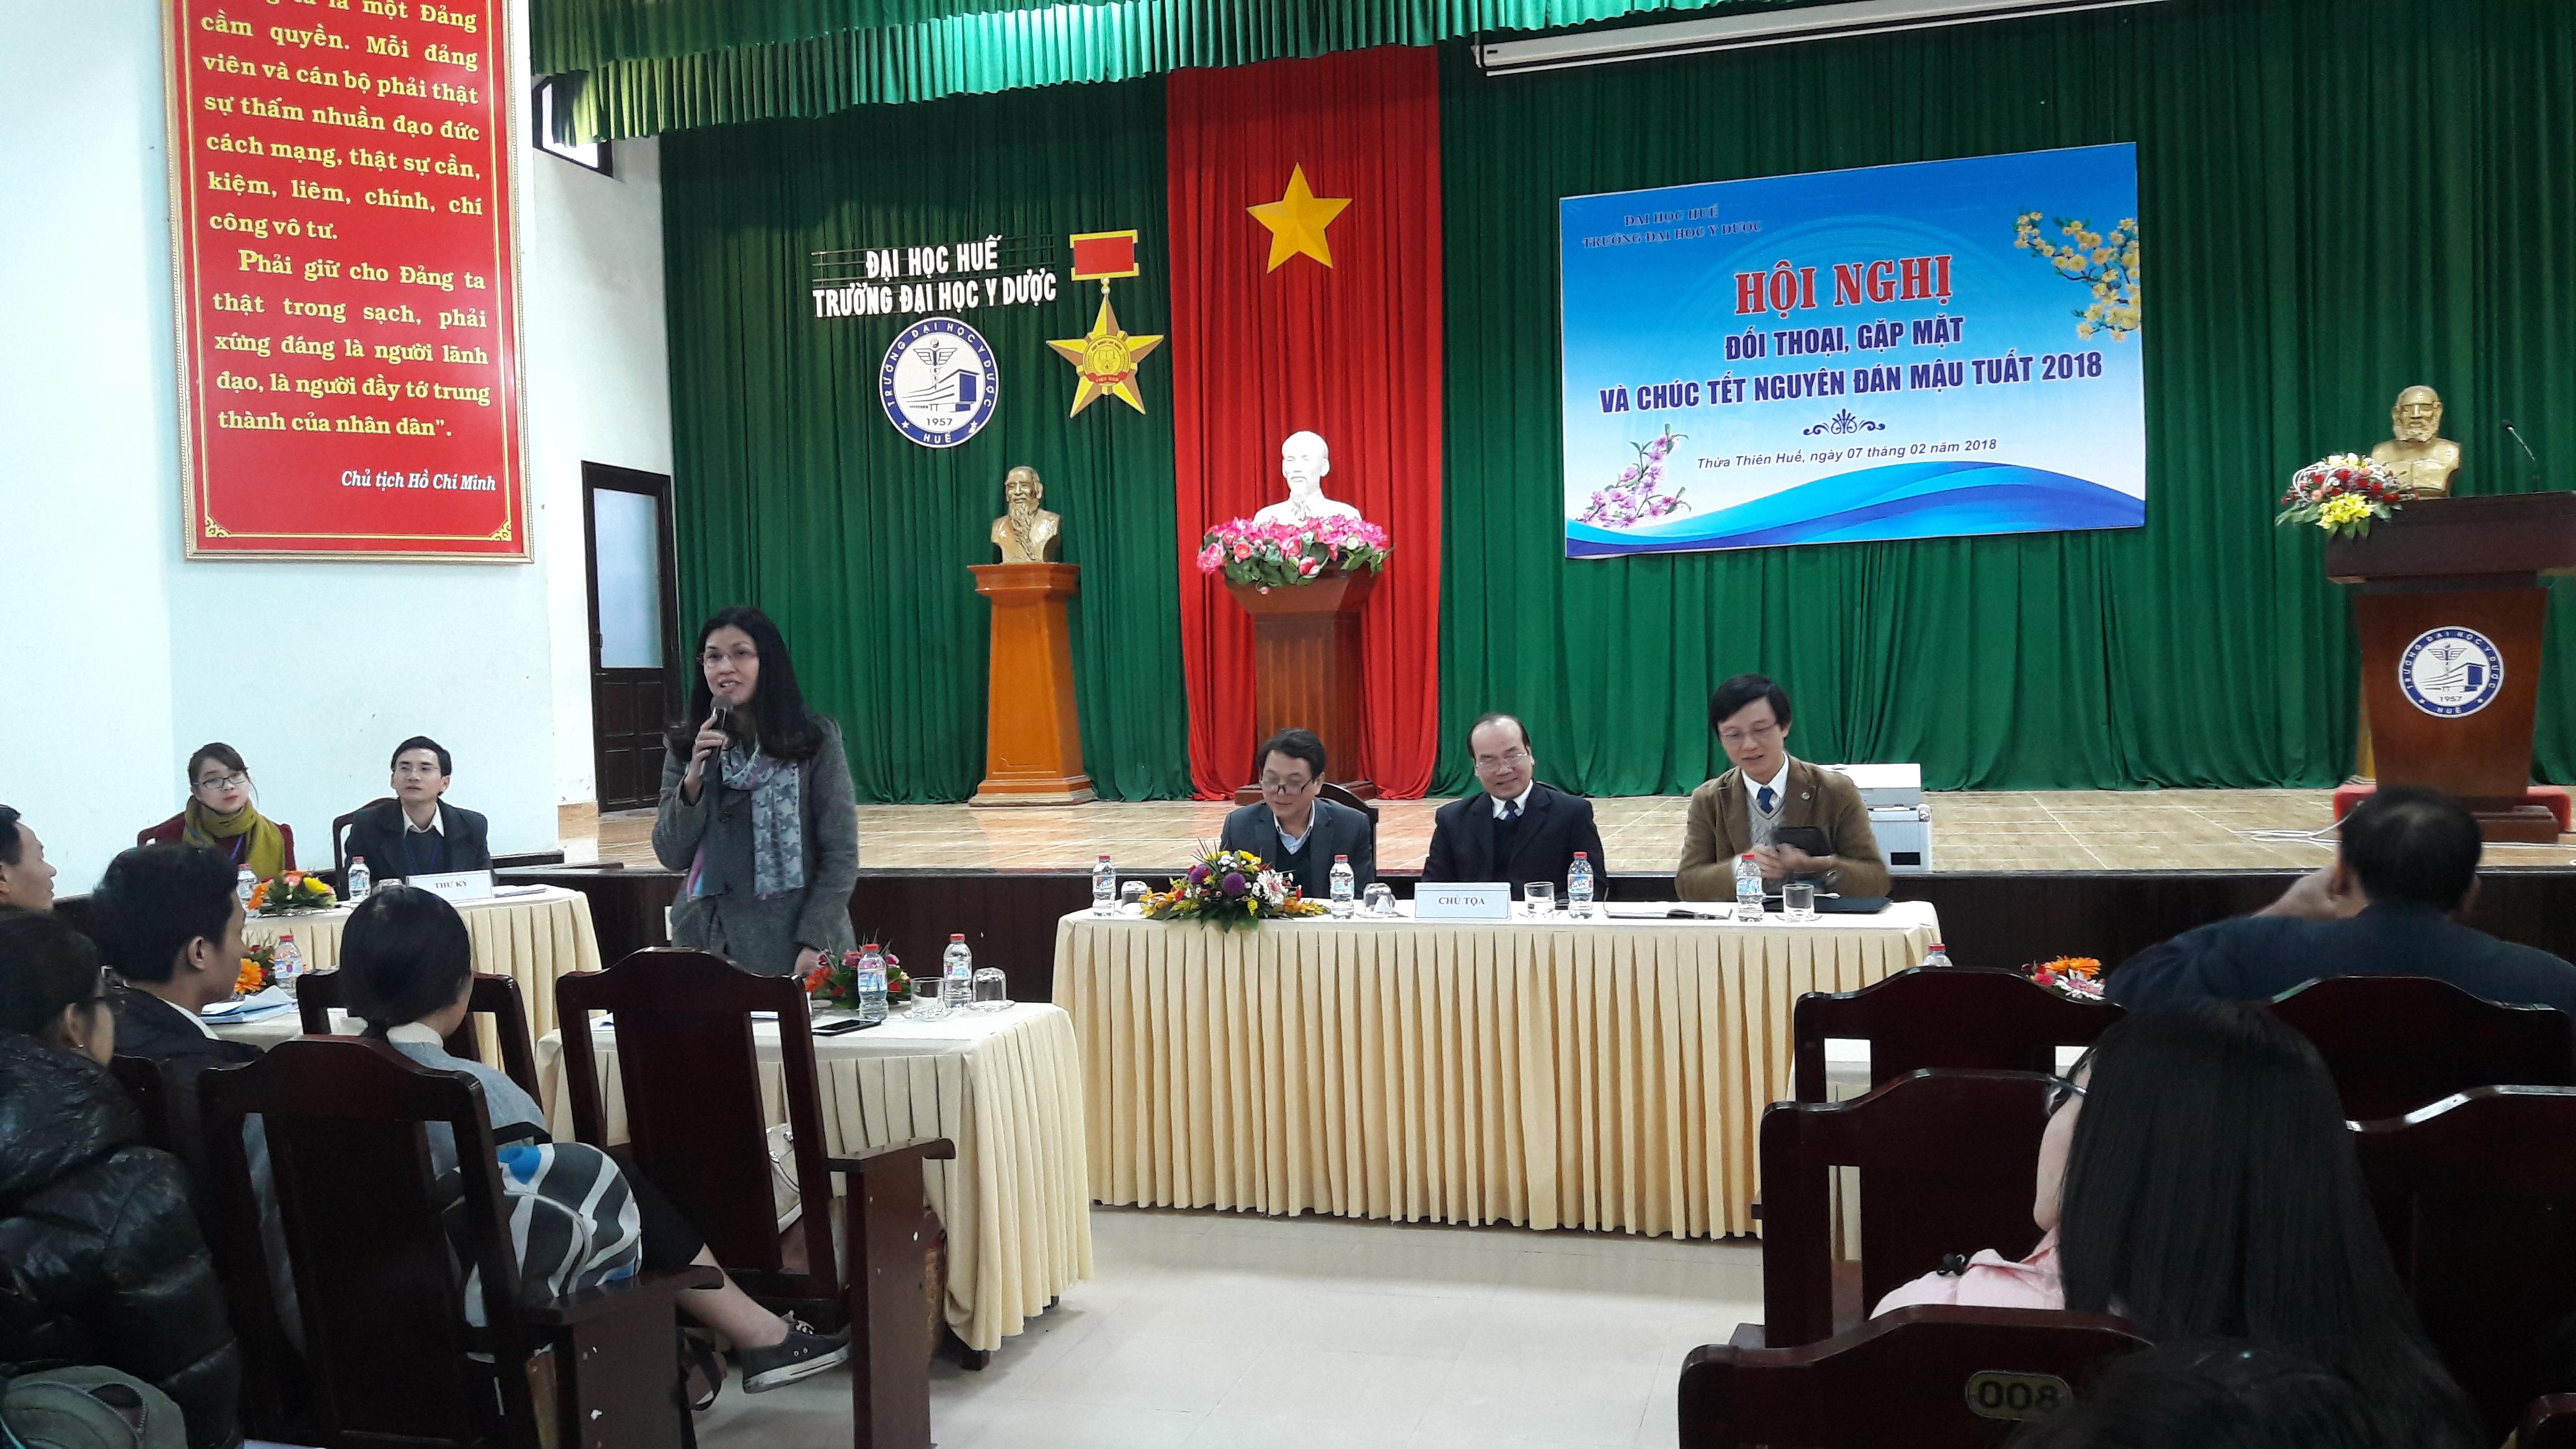 Hội nghị đối thoại, gặp mặt và chúc Tết Nguyên đán Mậu Tuất 2018